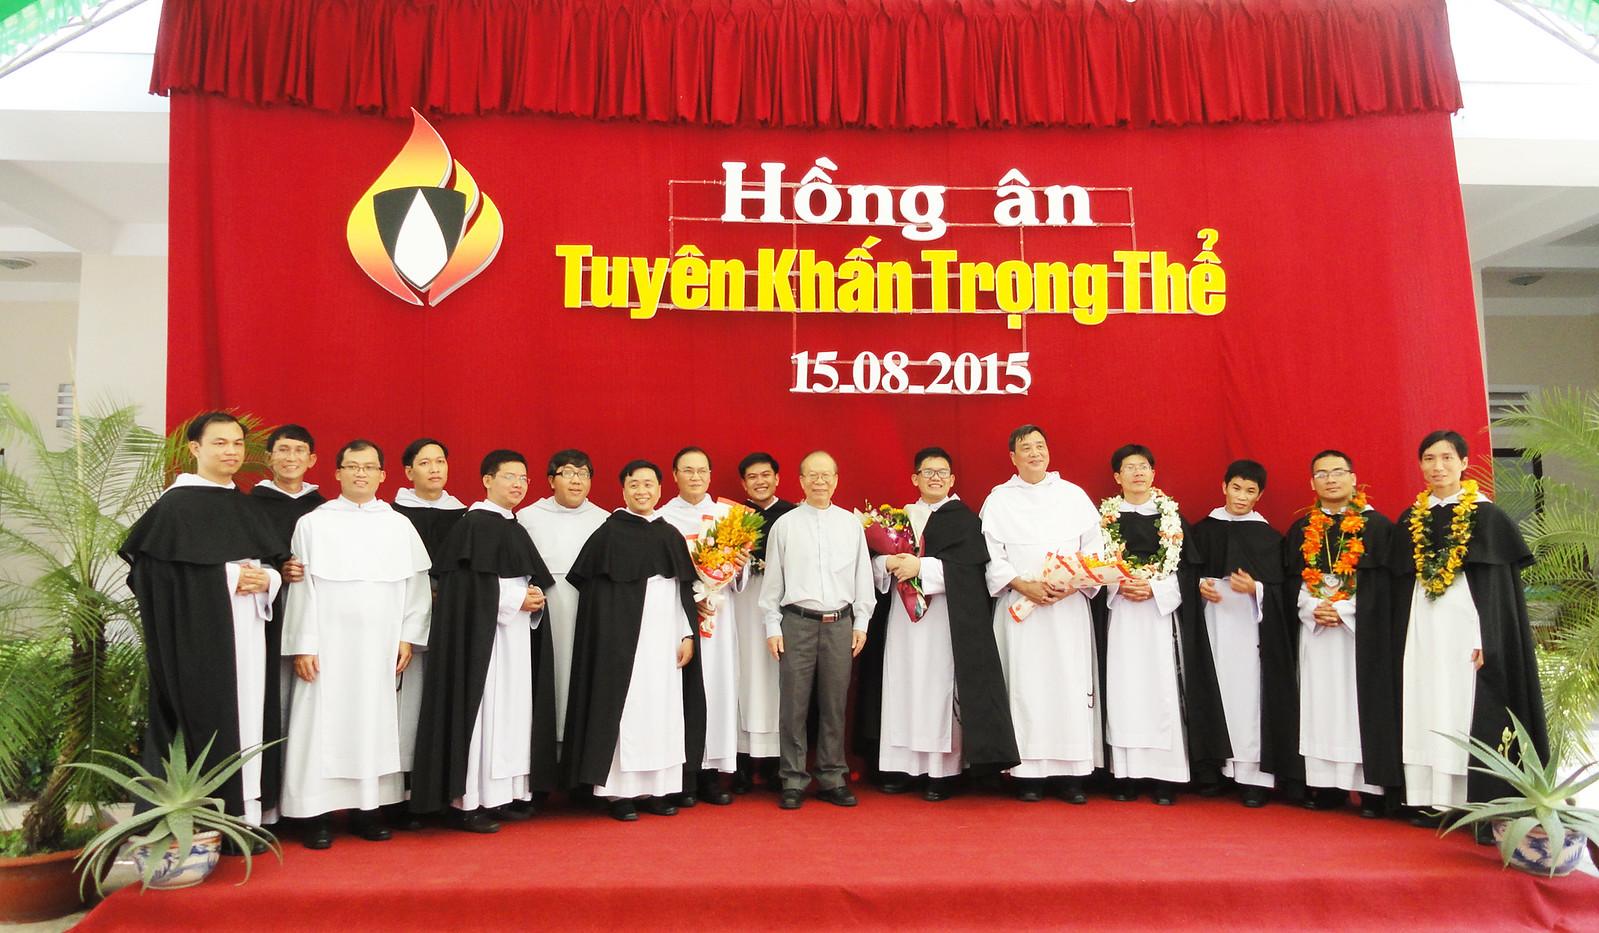 Tỉnh Dòng Đaminh Việt Nam: Thánh Lễ Tuyên Khấn Trọng Thể - 2015